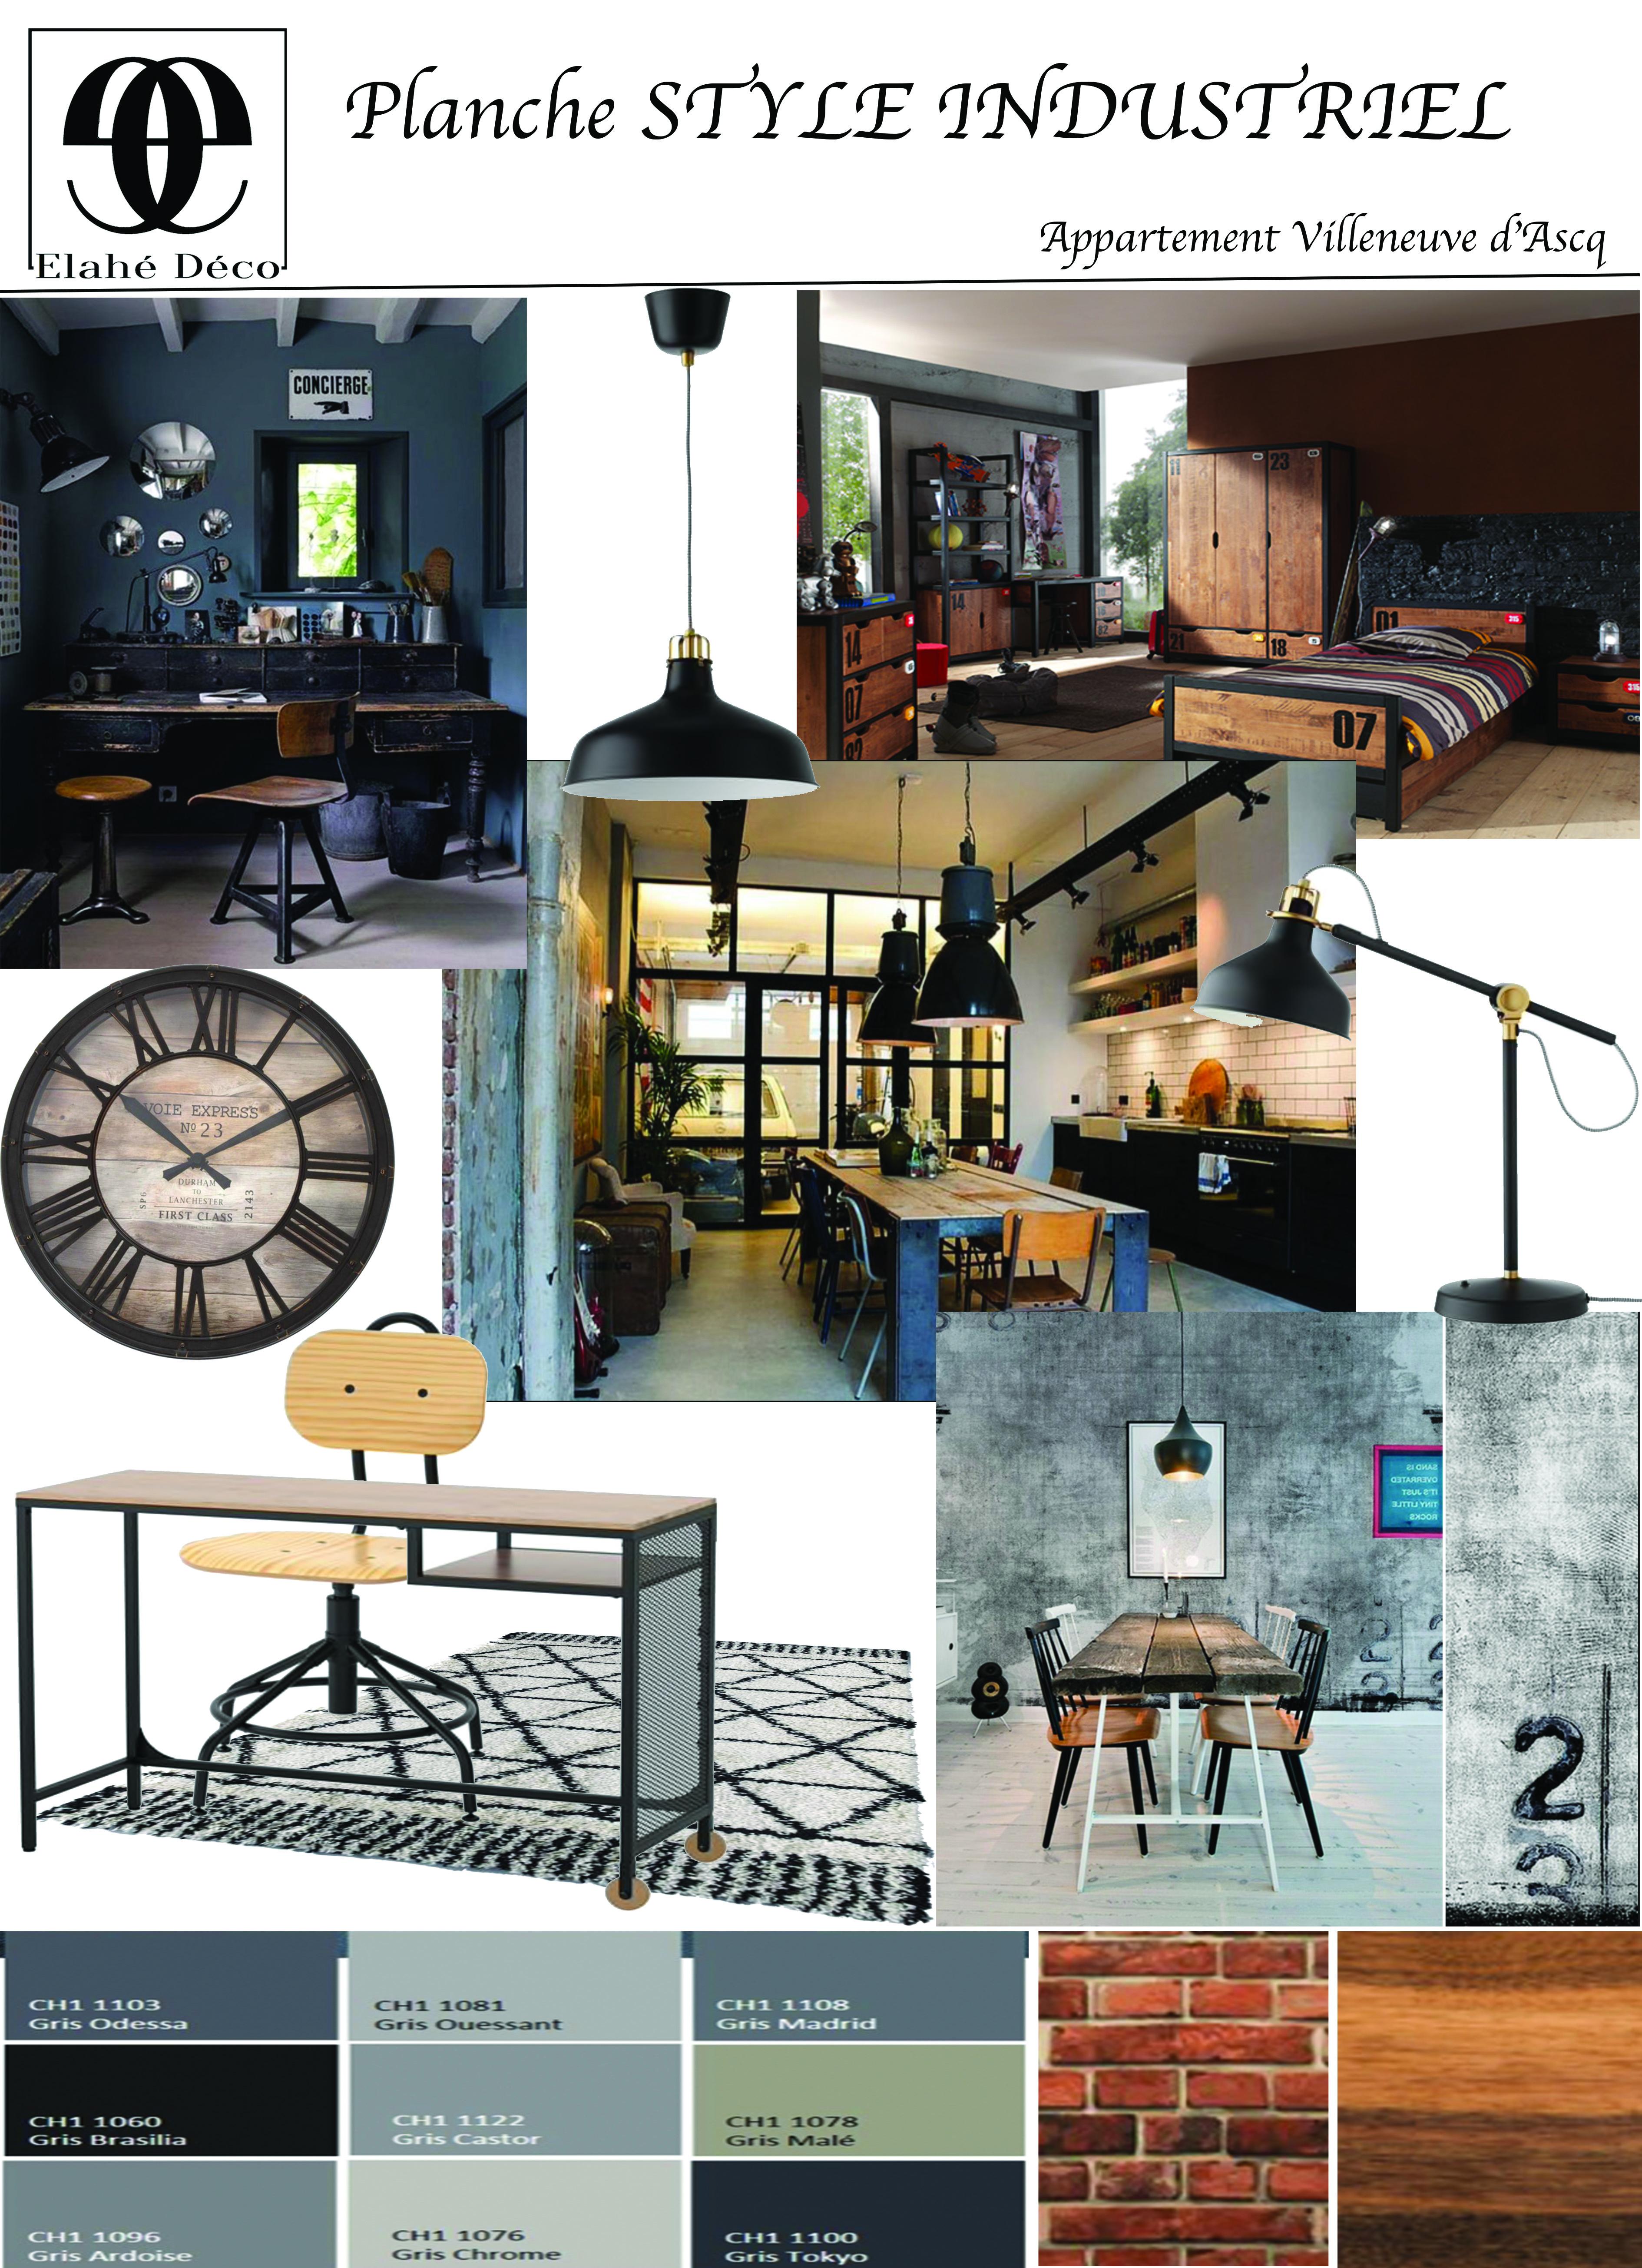 planche d'ambiance style industriel pour l'appartement de Lille